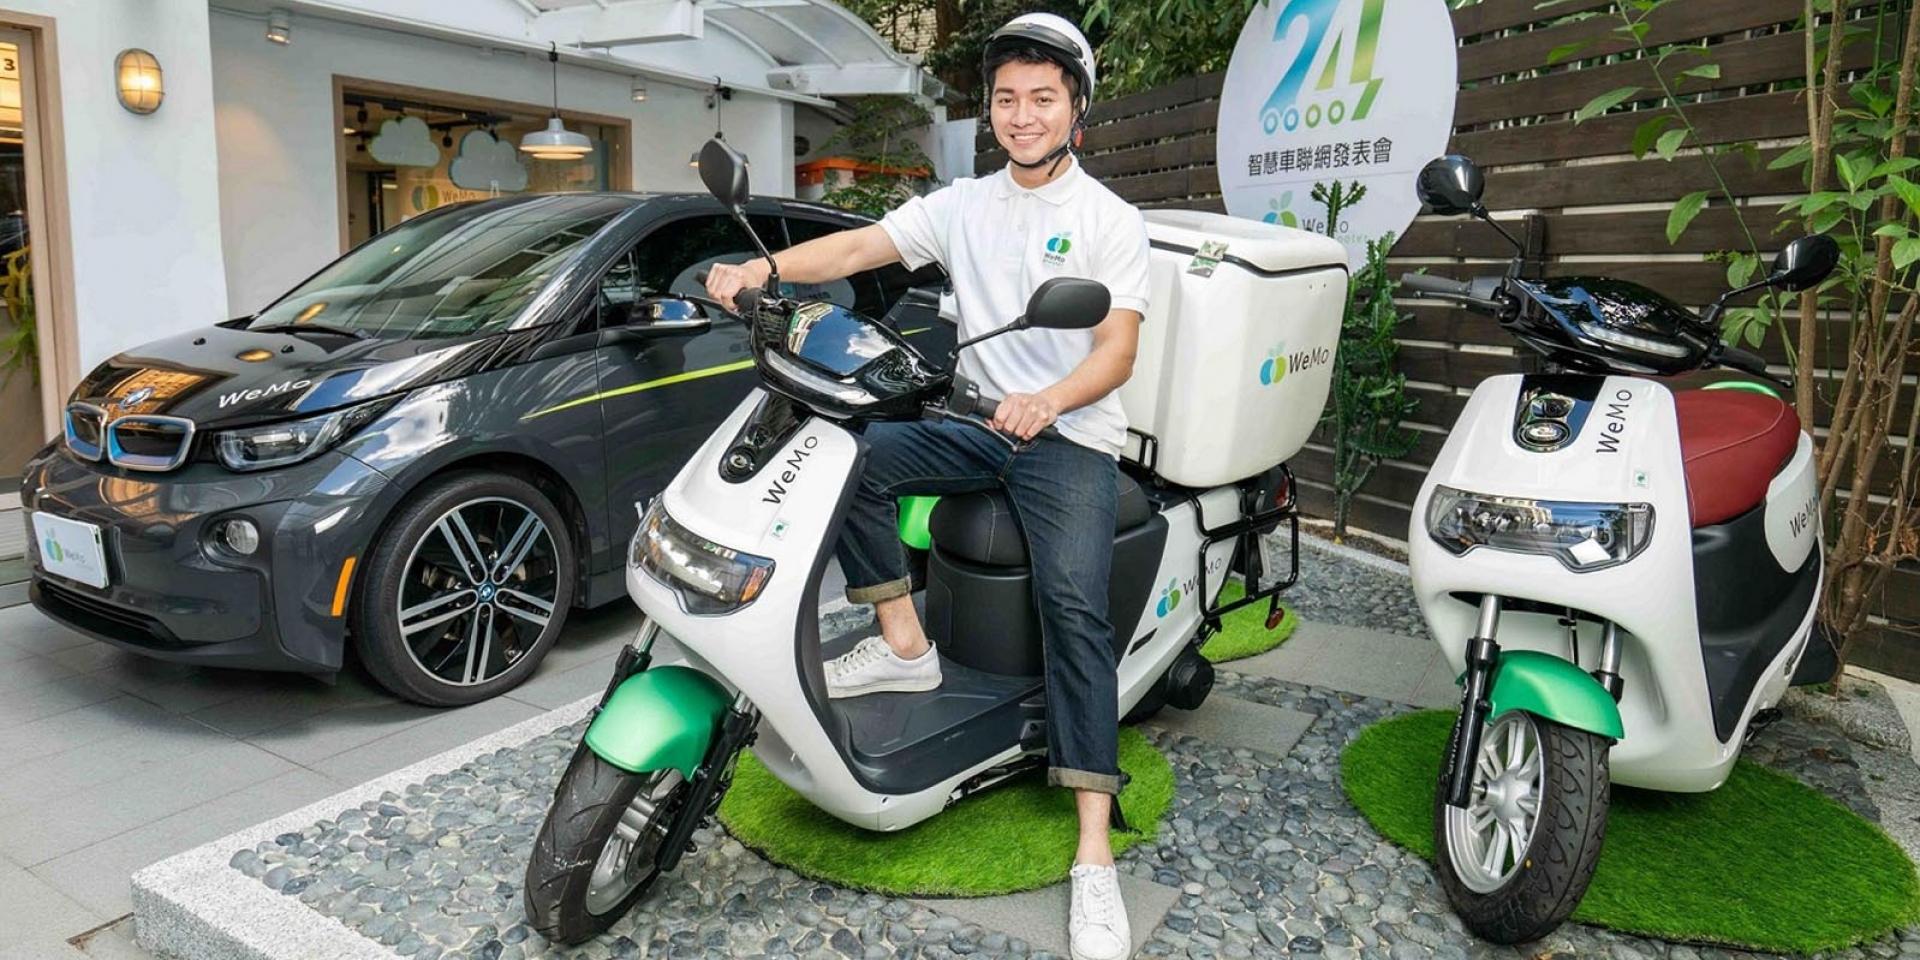 官方新聞稿。WeMo Scooter 發展多元運具 電動二輪技術躍四輪電動汽車